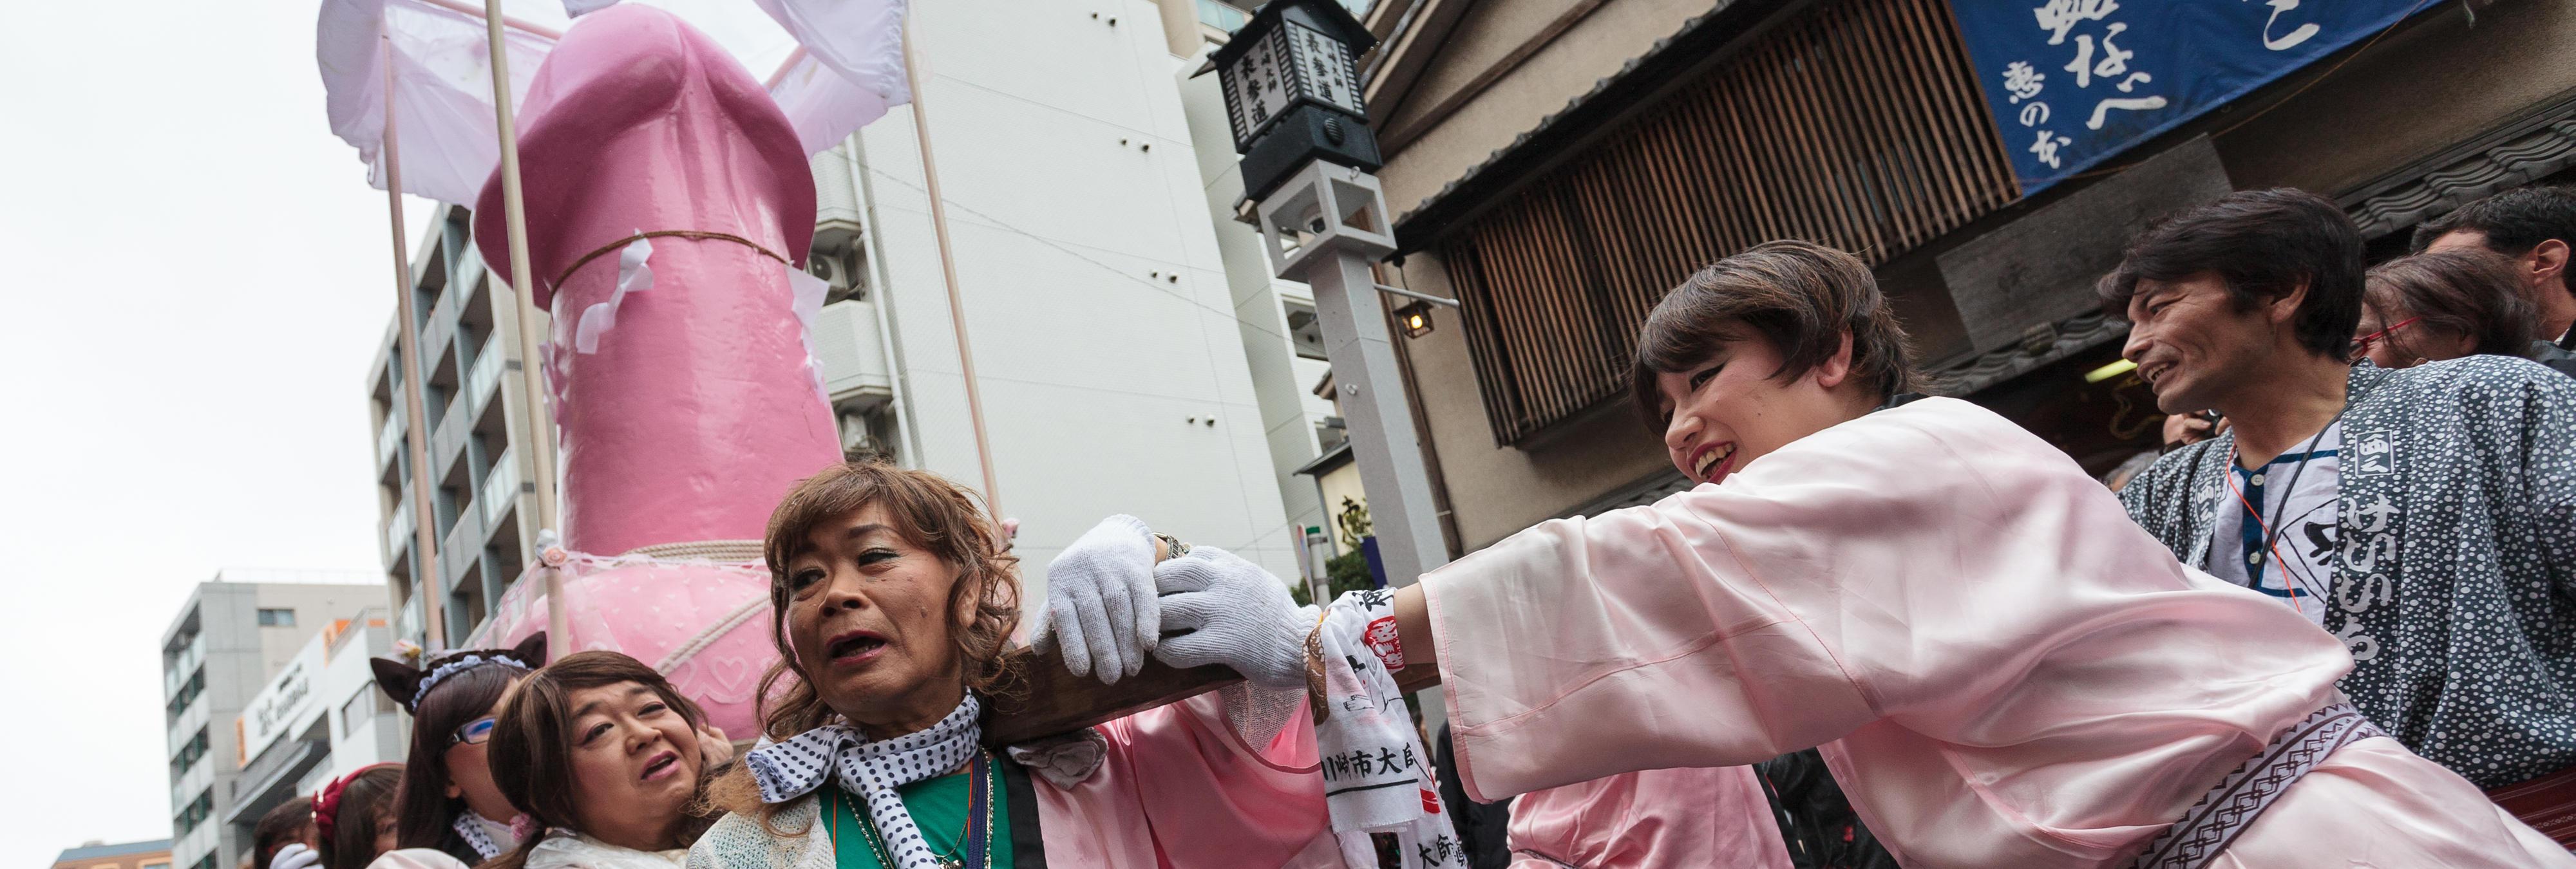 Kanamara Matsuri: así es el Día del Pene en Japón